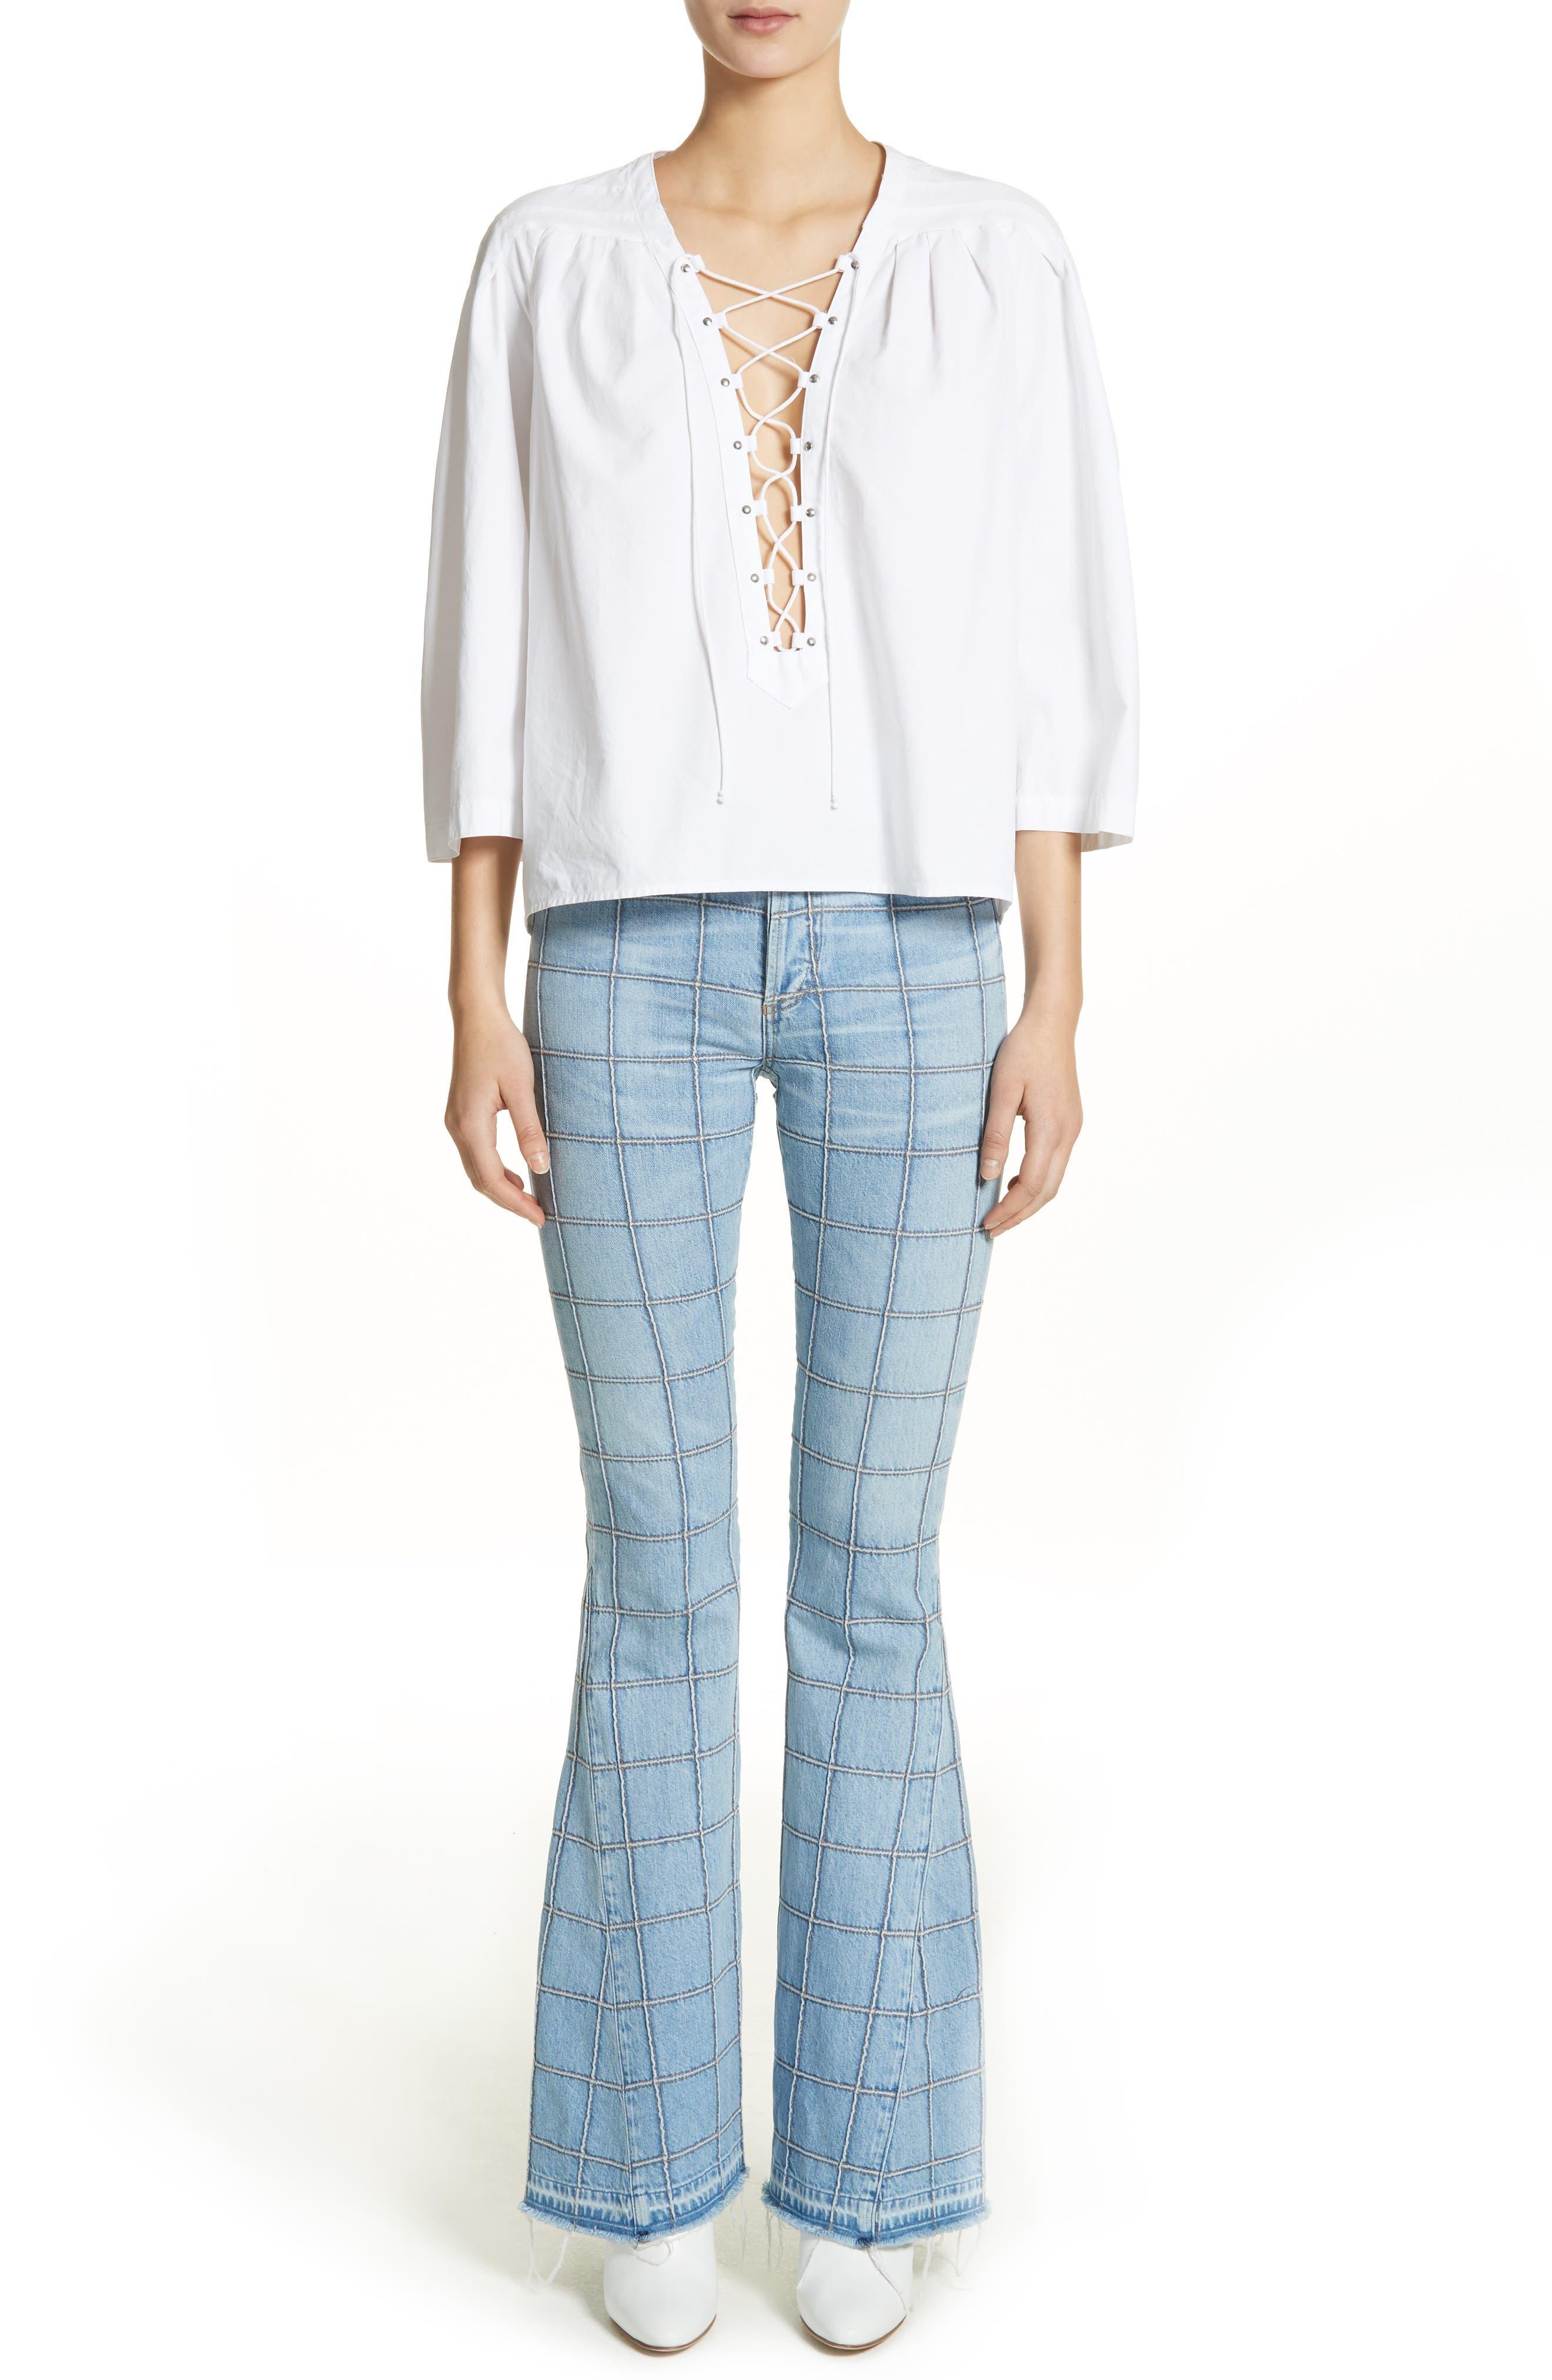 Ilona Lace-Up Cotton Top,                             Alternate thumbnail 8, color,                             White